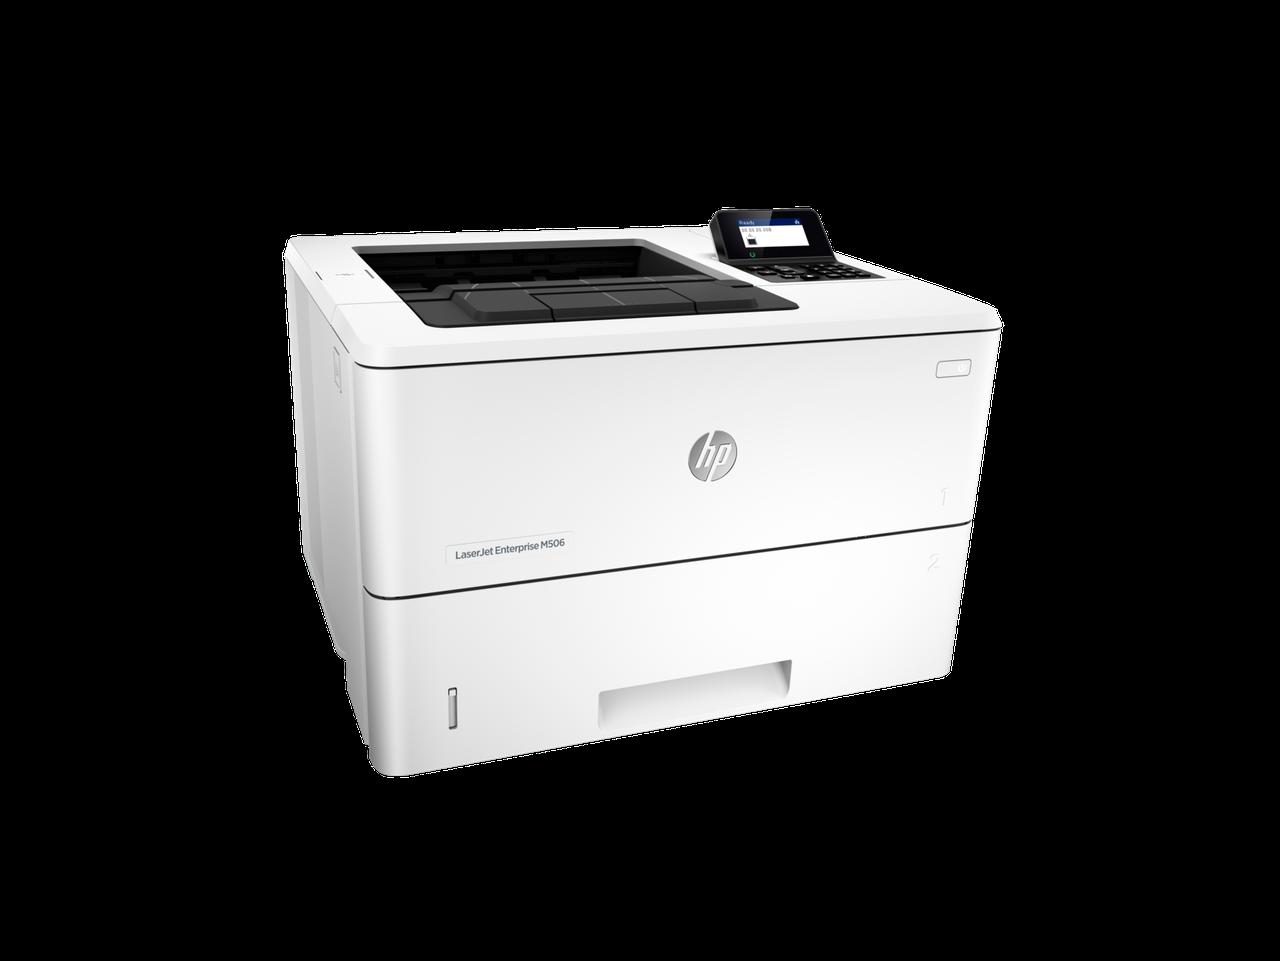 ПринтерHP F2A69A HP LaserJet Enterprise M506dn Printer (A4) , 1200 dpi, 43 ppm, 512MB, 1200Mhz, tray 100+550